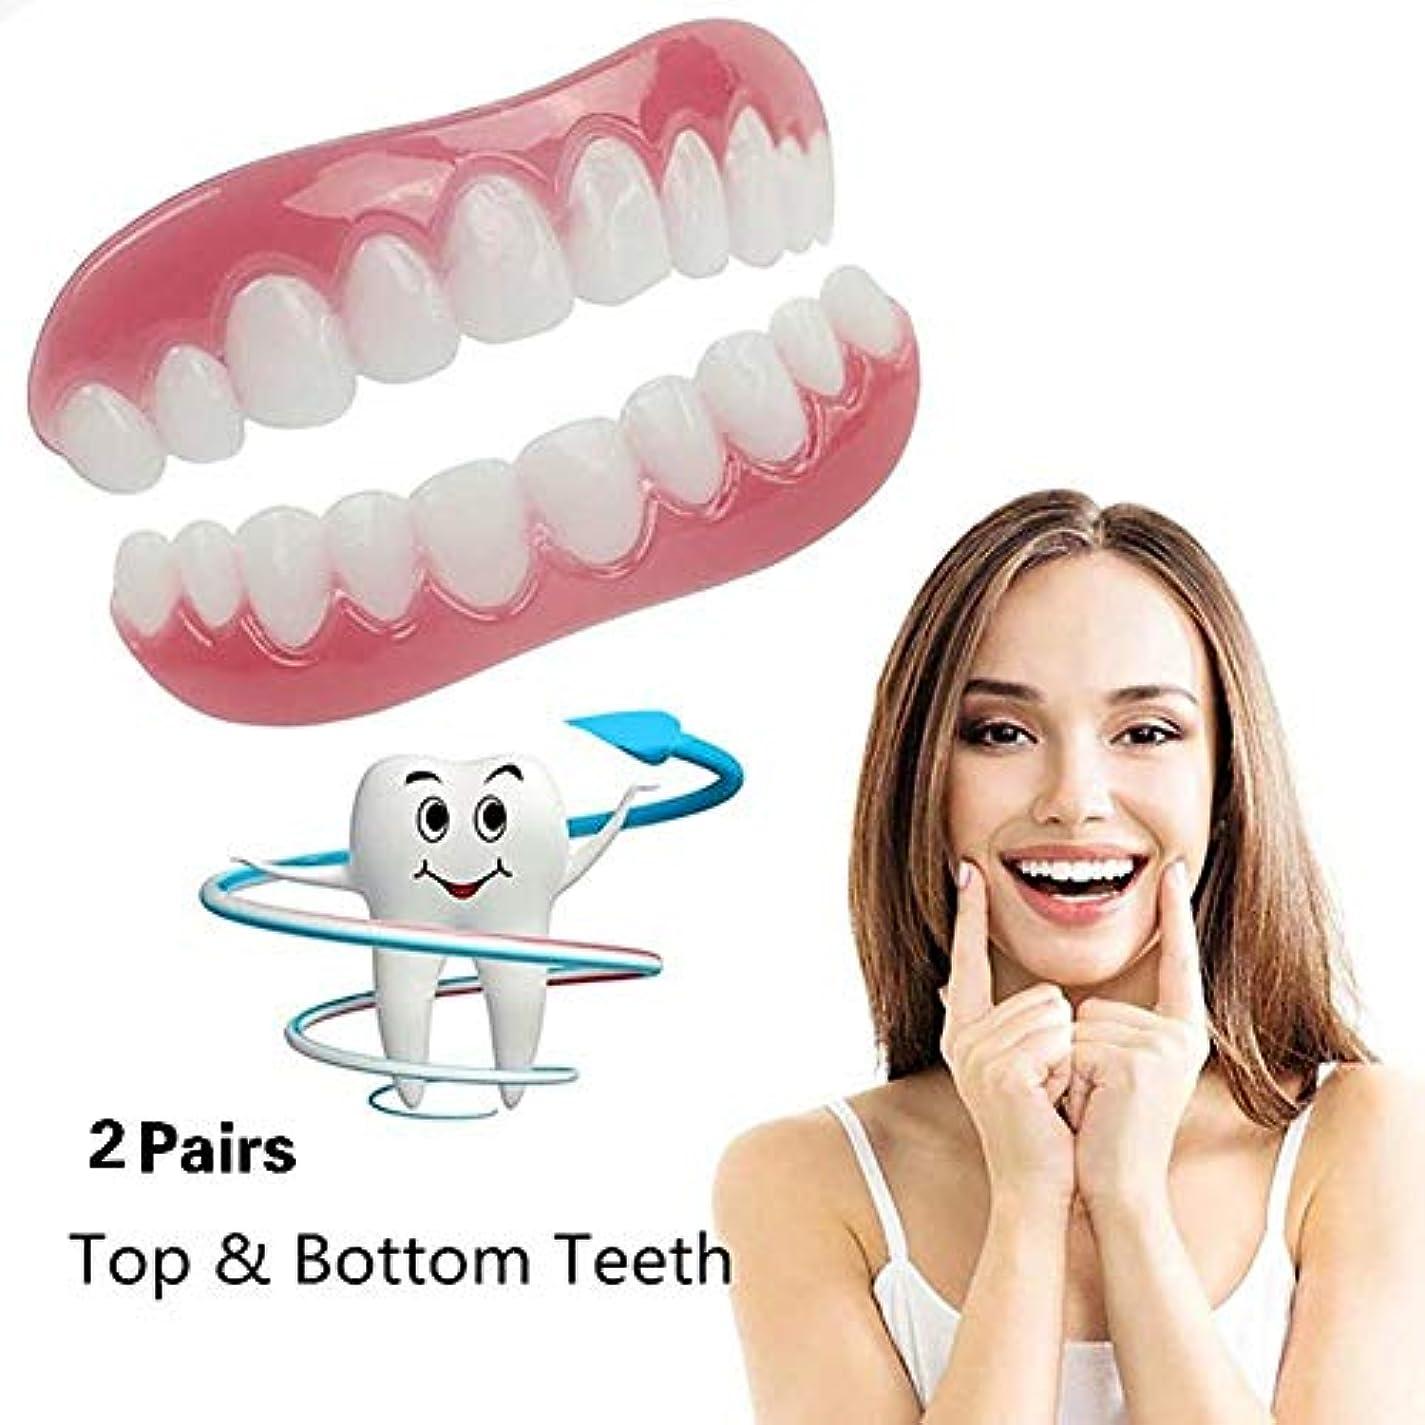 幸運なことに高層ビル適応的2対のシリコーンの歯のベニヤの歯の快適さのフィットフレックス化粧品の歯義歯の歯のトップとボトム化粧品のベニヤのシミュレーションのブレースワンサイズフィットすべて